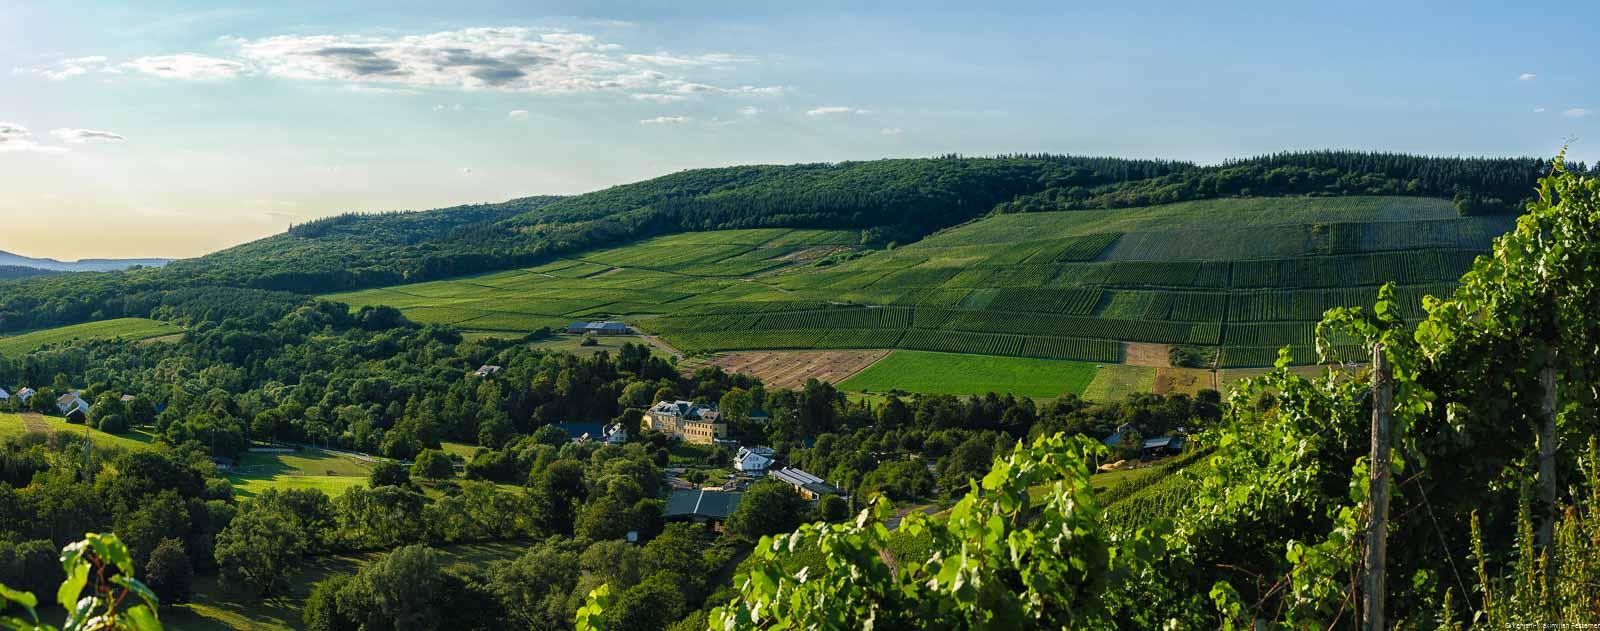 Im Tal liegt der Ort Maring Noviand. Der Weinberg Maring-Noviander Honigberg liegt neben dem Wald und blauem Himmel mit Wolke oben.